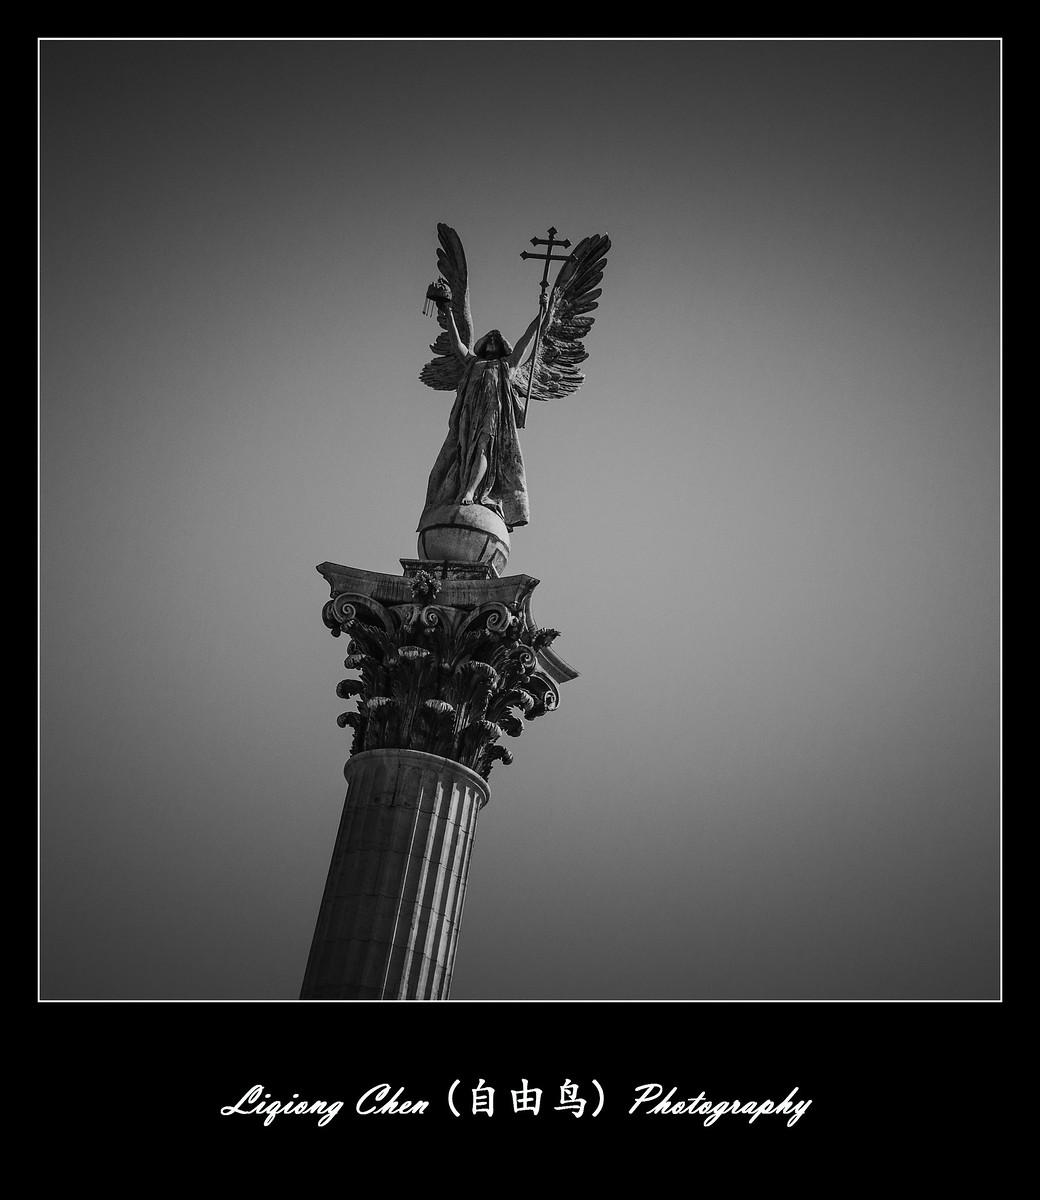 布达佩斯英雄广场的那些英雄们_图1-4